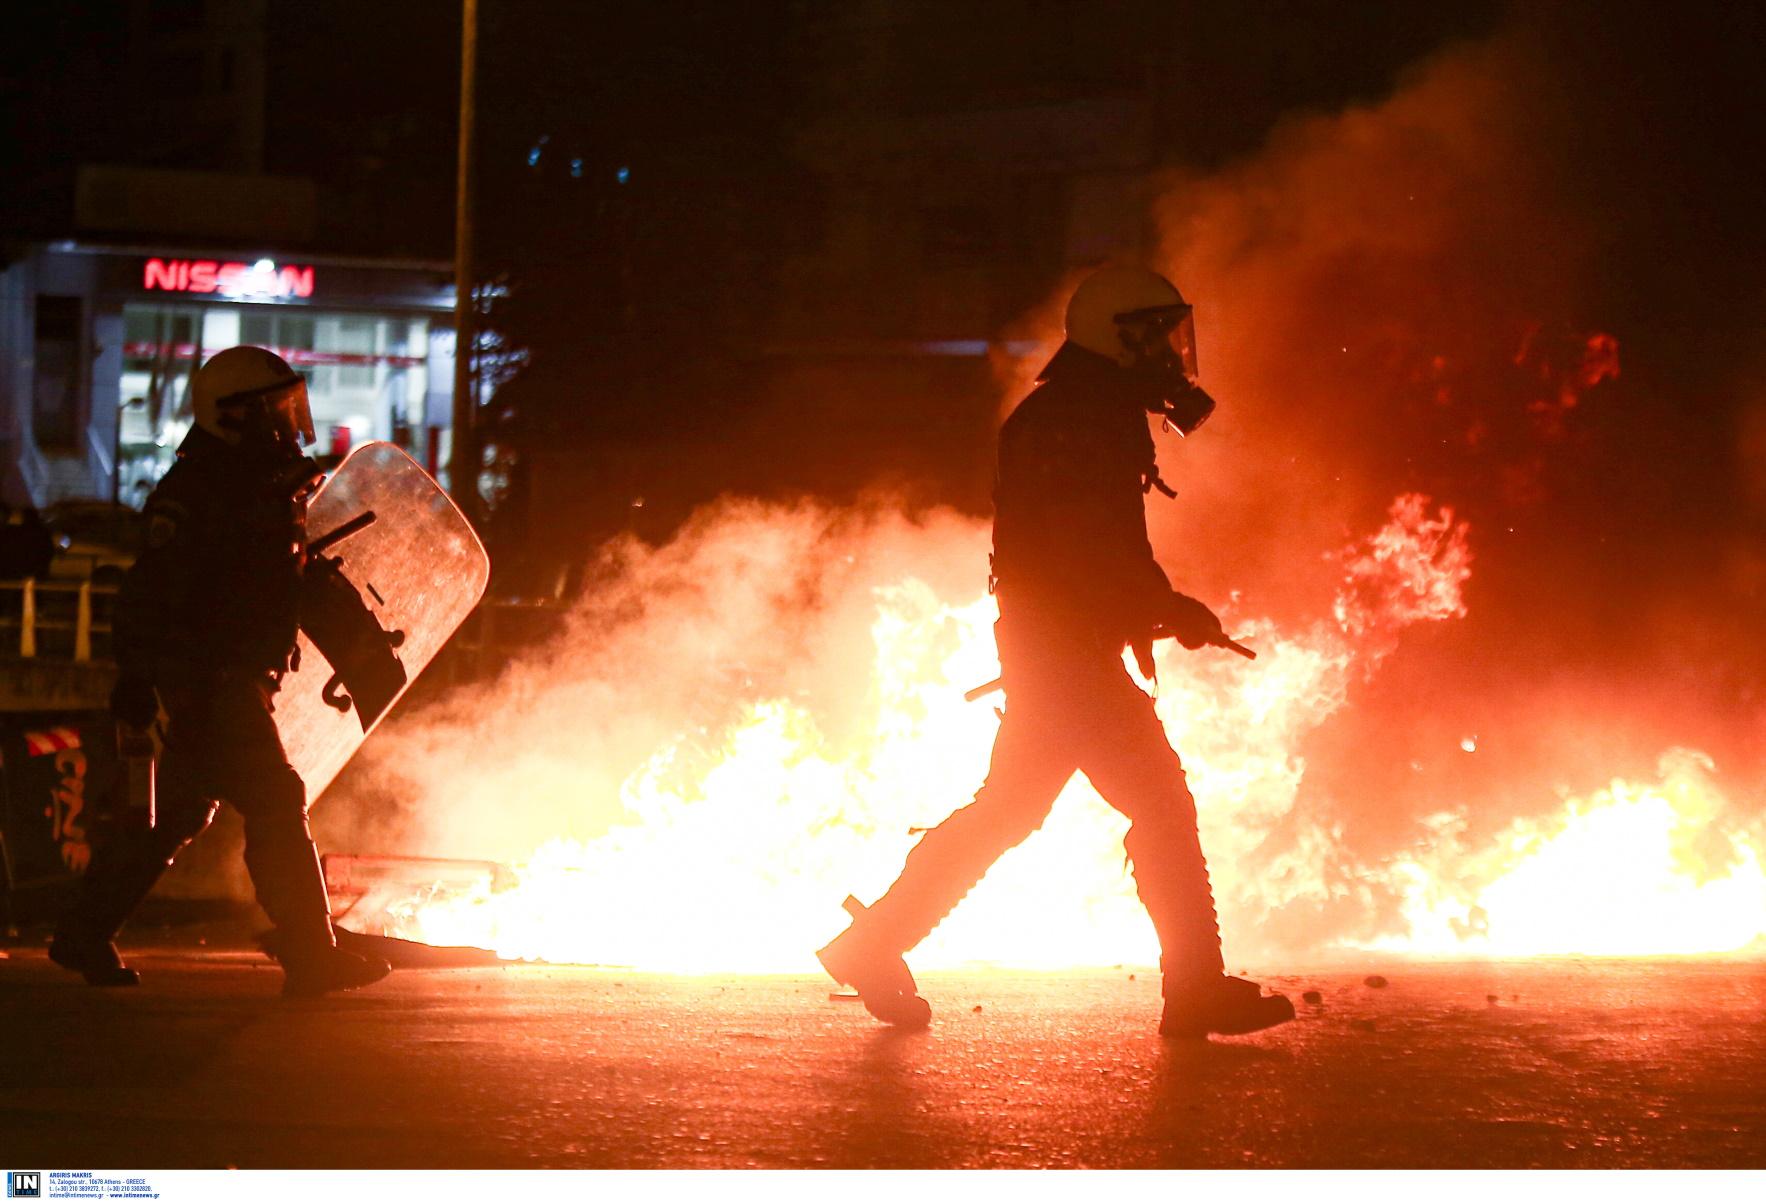 Νέα Σμύρνη: Νέοι σοκαριστικοί διάλογοι των δραστών της επίθεσης στον αστυνομικό (video)